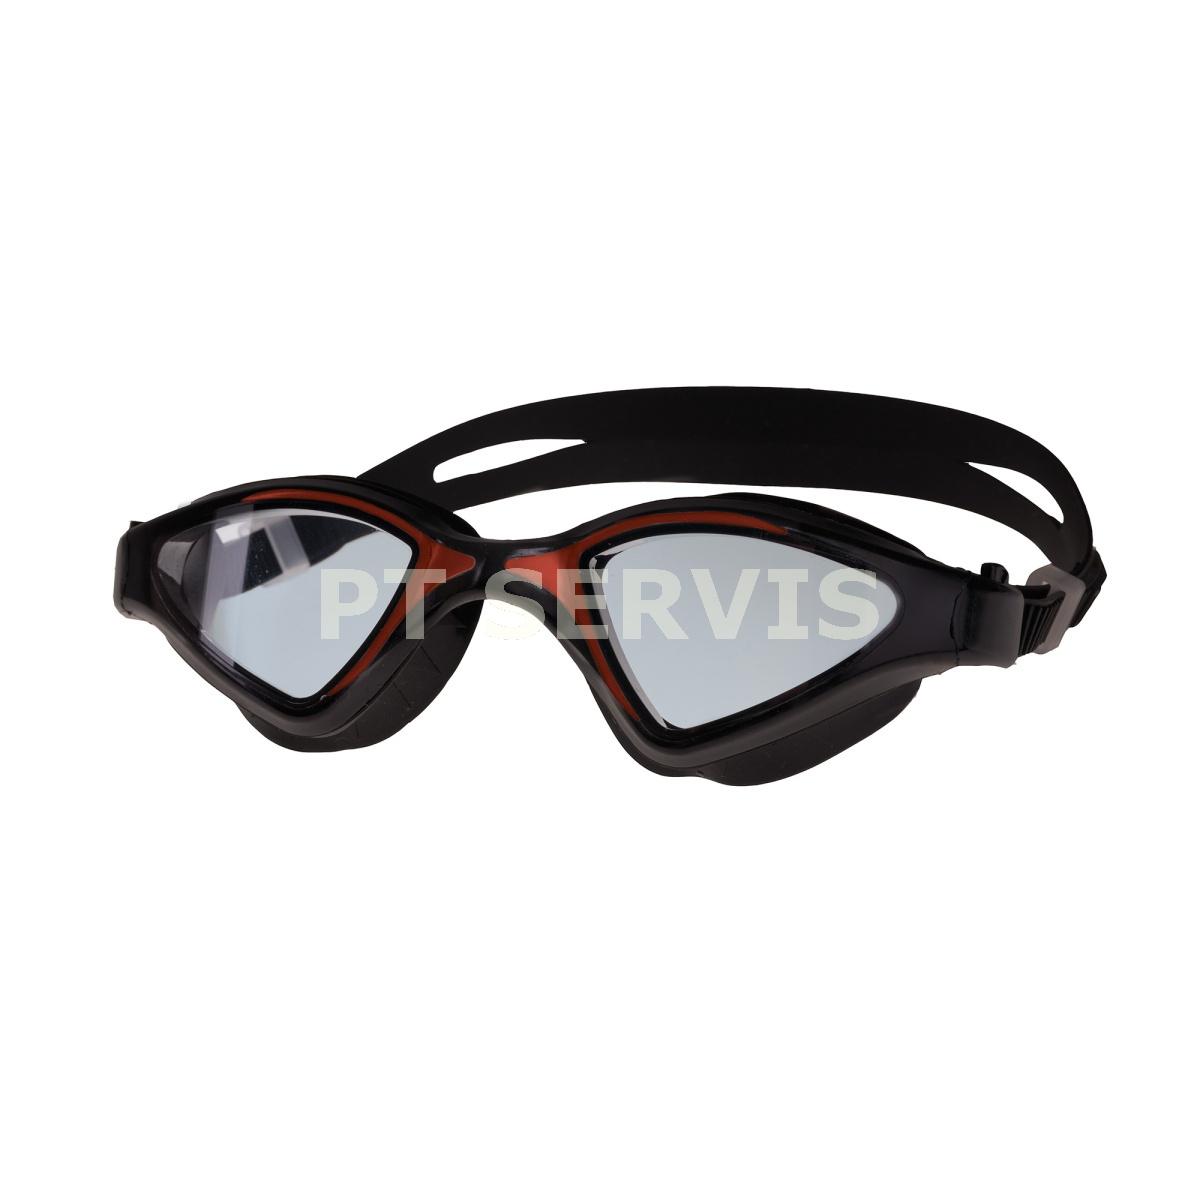 ABRAMIS Plavecké brýle